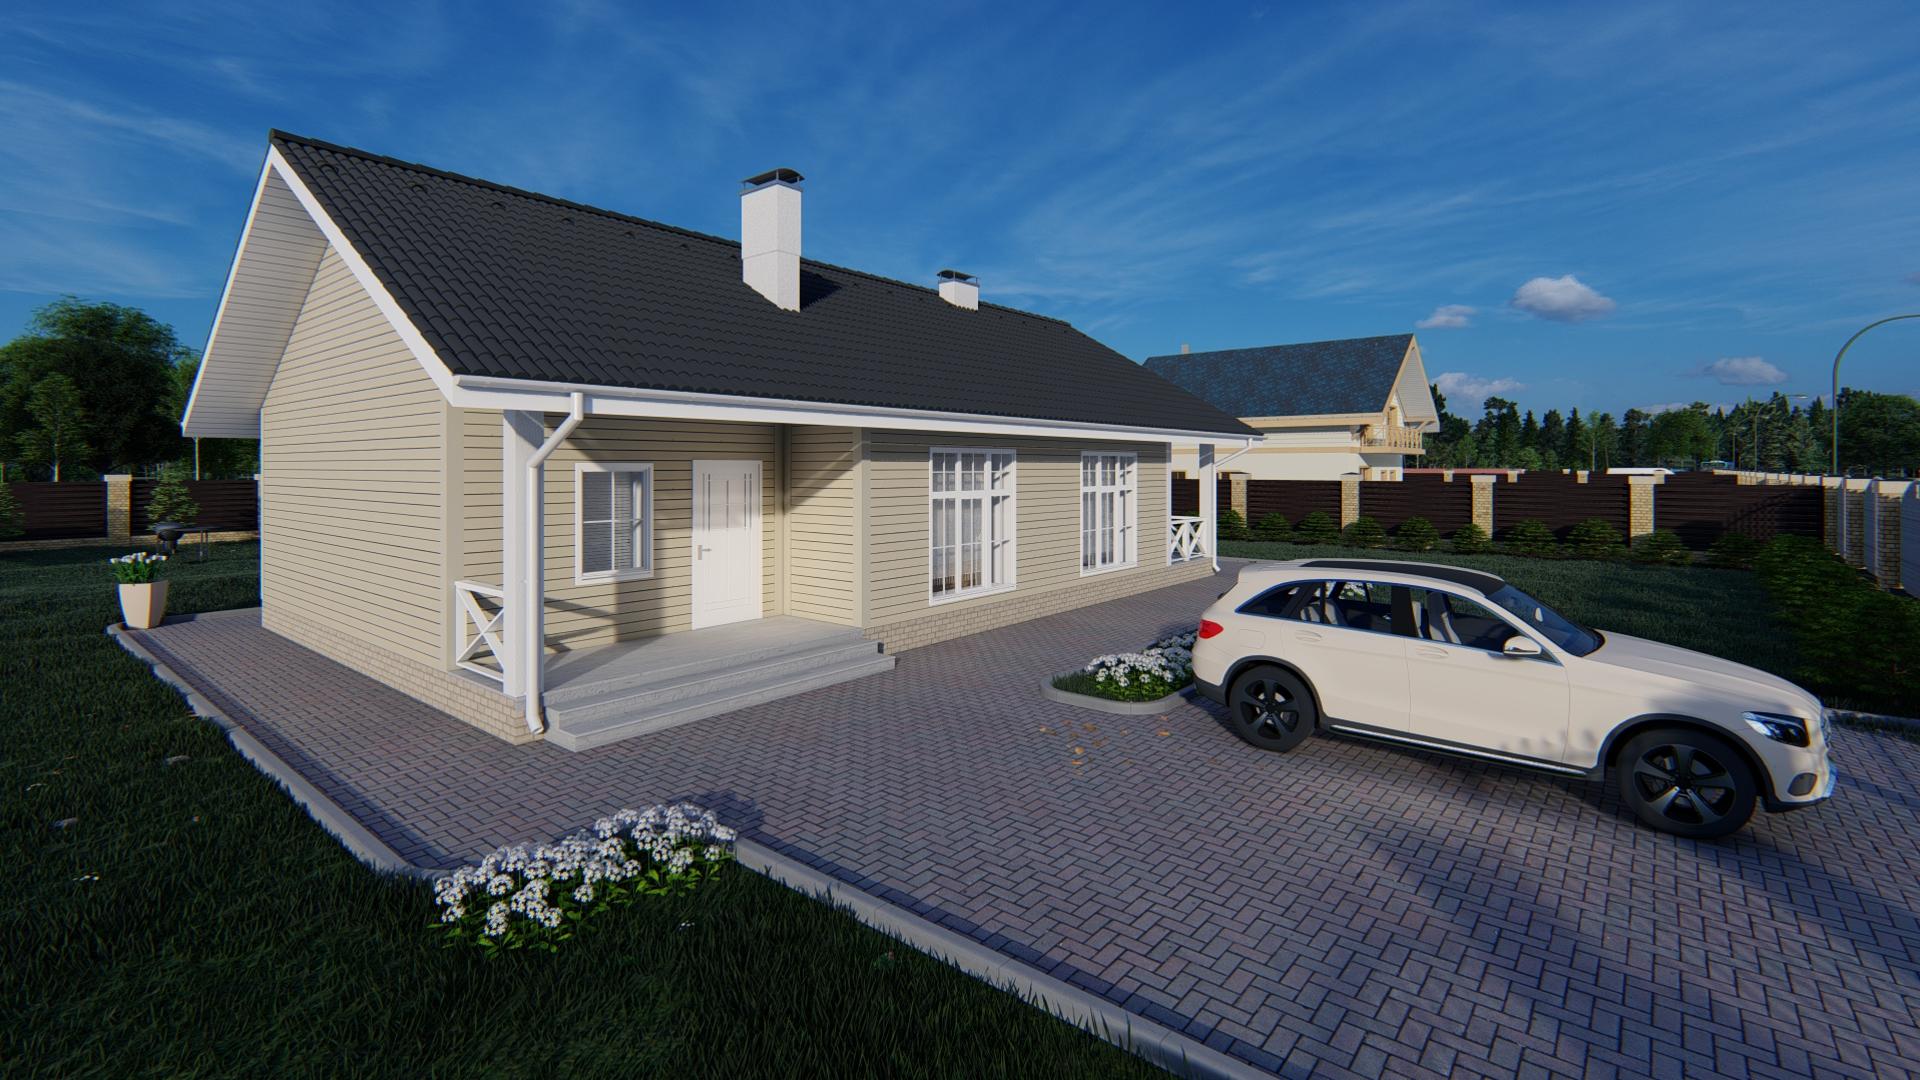 Готовый проект дома 83 кв.м // Артикул Каюр -180.1 фасад